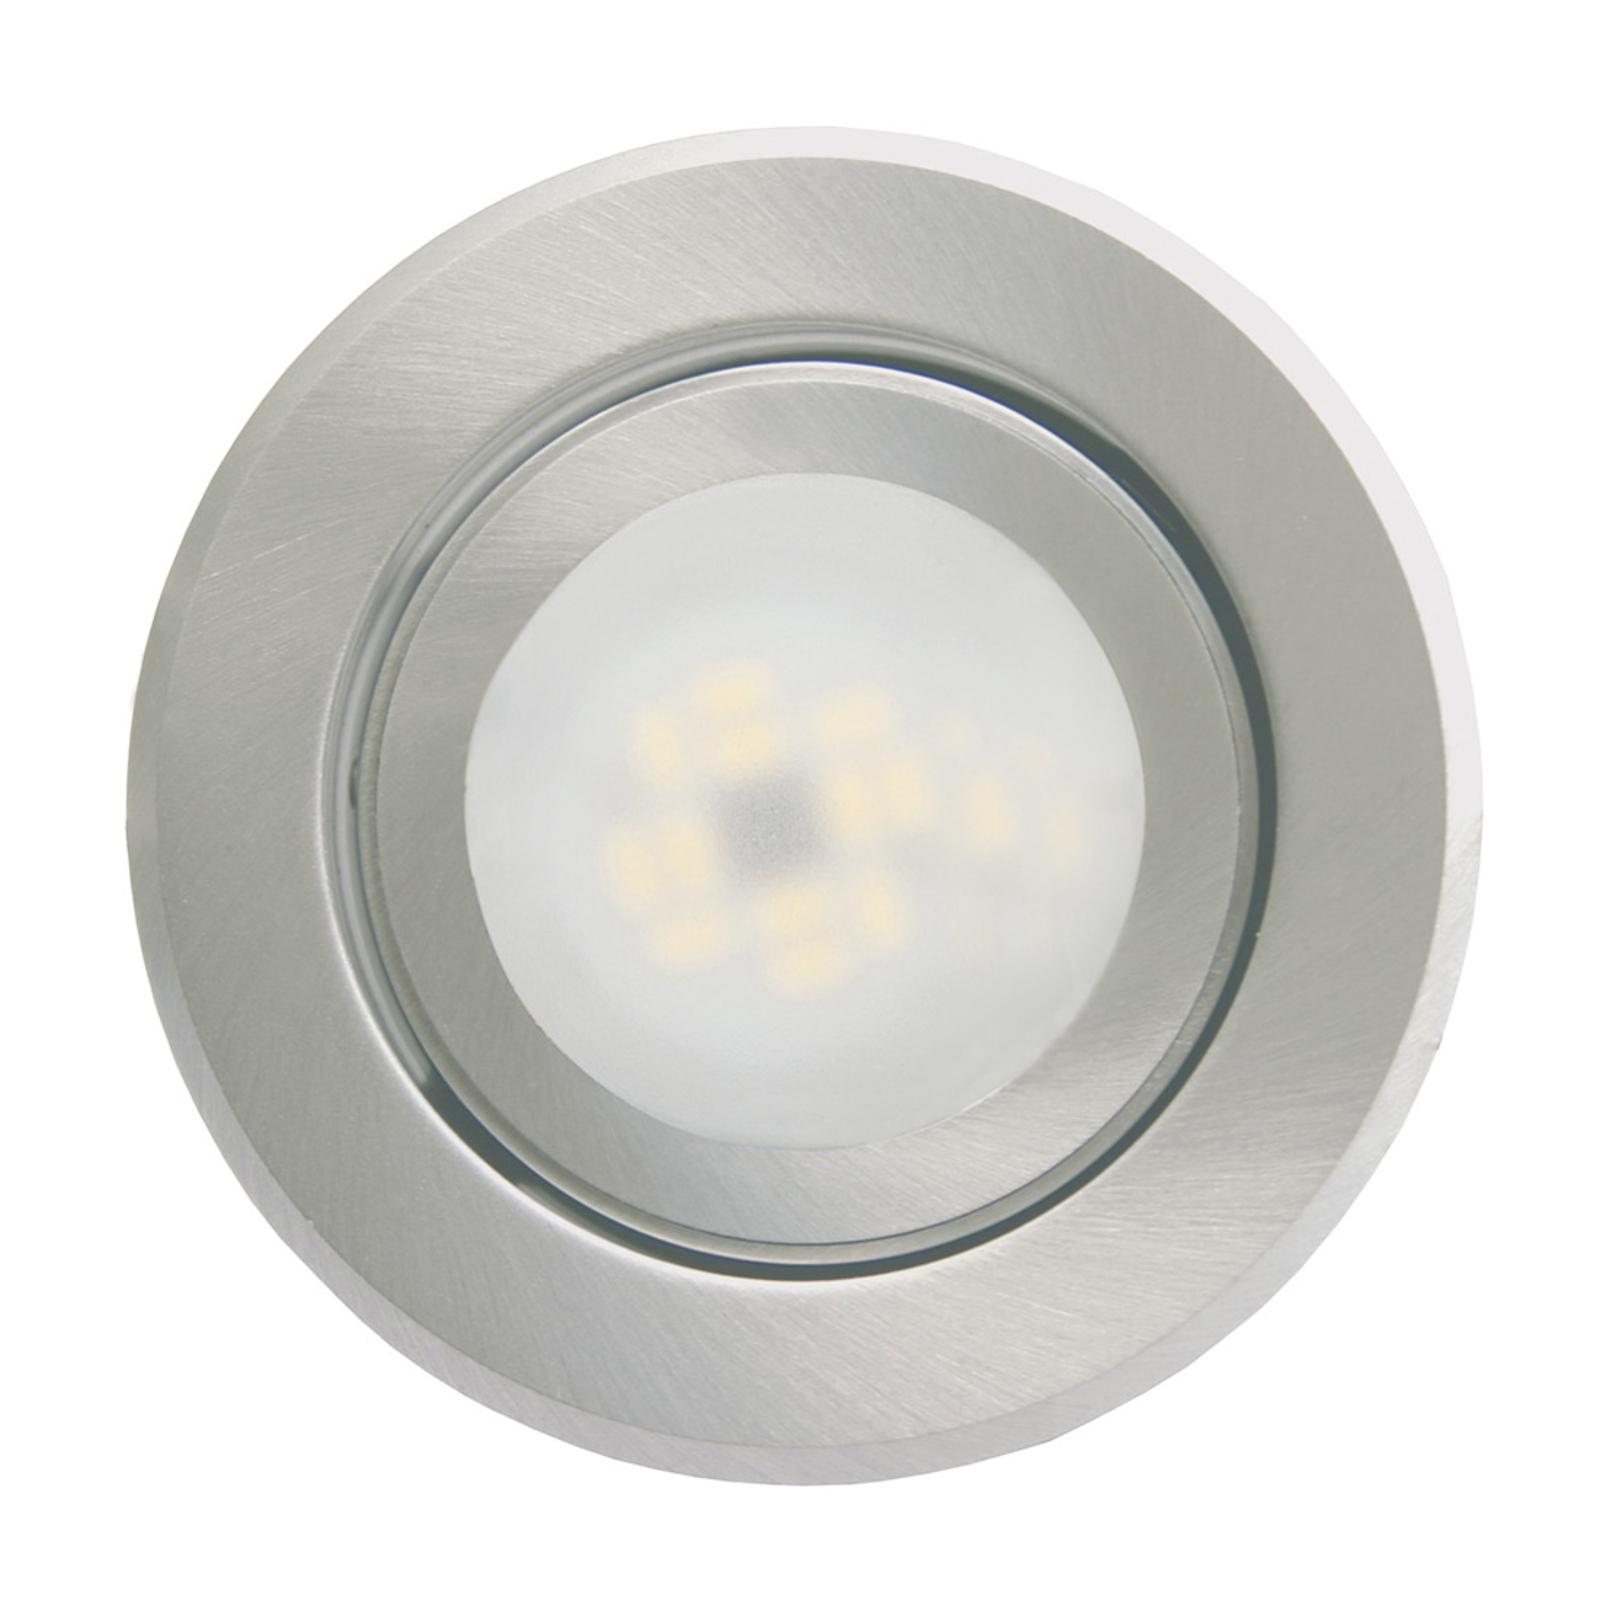 Spot LED incasso Joanie, alluminio spazzolato